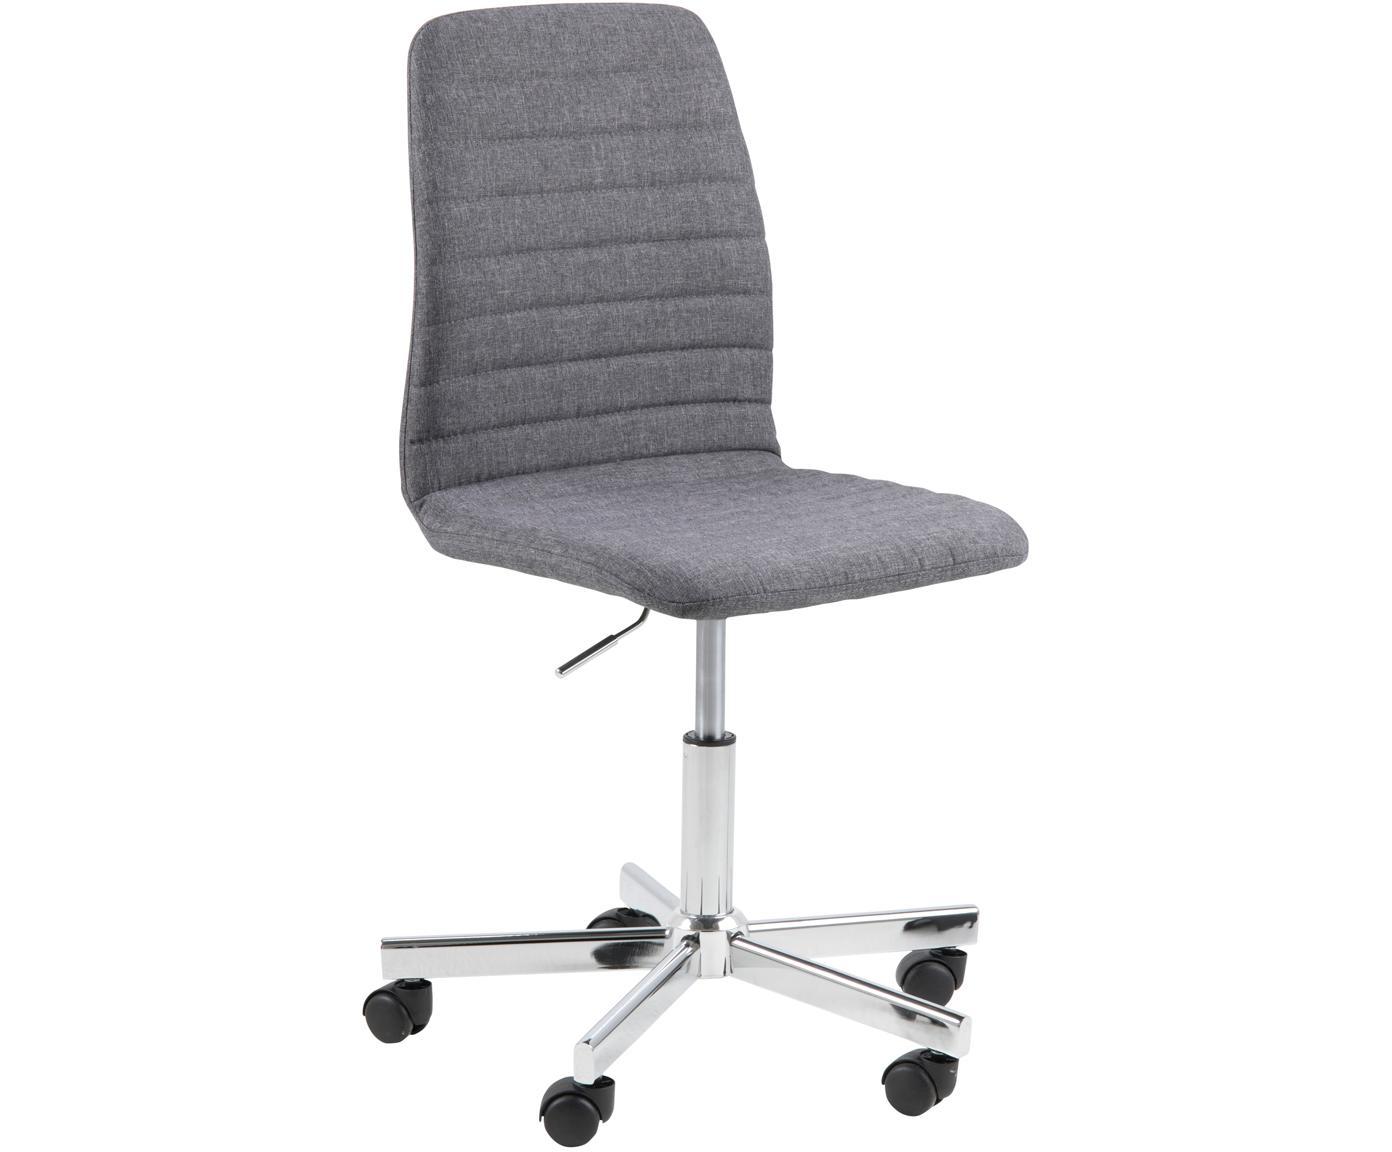 Biurowe krzesło obrotowe Amanda, Tapicerka: poliester, Nogi: metal chromowany, Szary, chrom, S 61 x G 52 cm